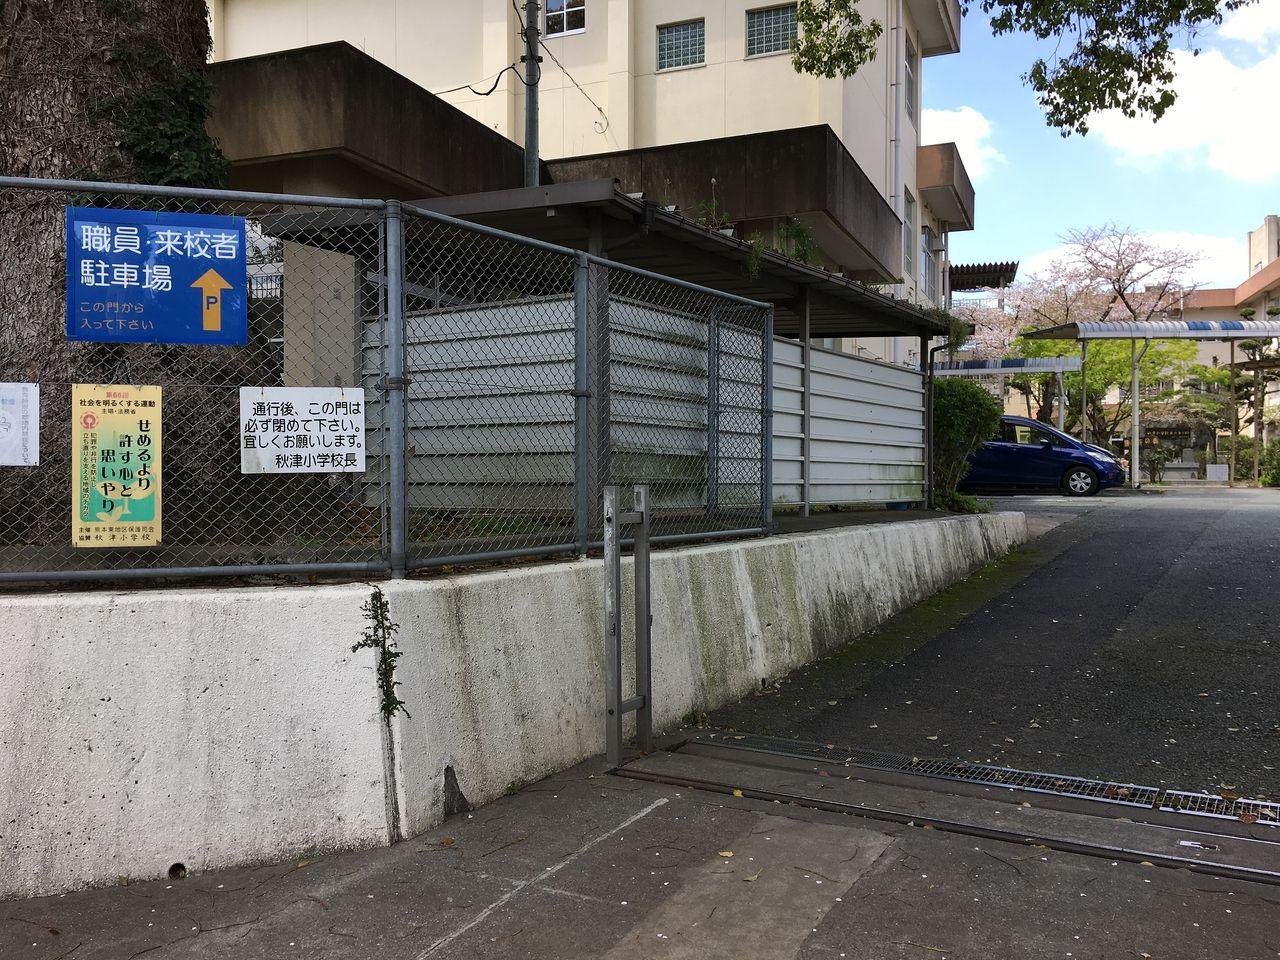 東門にある職員・来校者の駐車場の案内看板